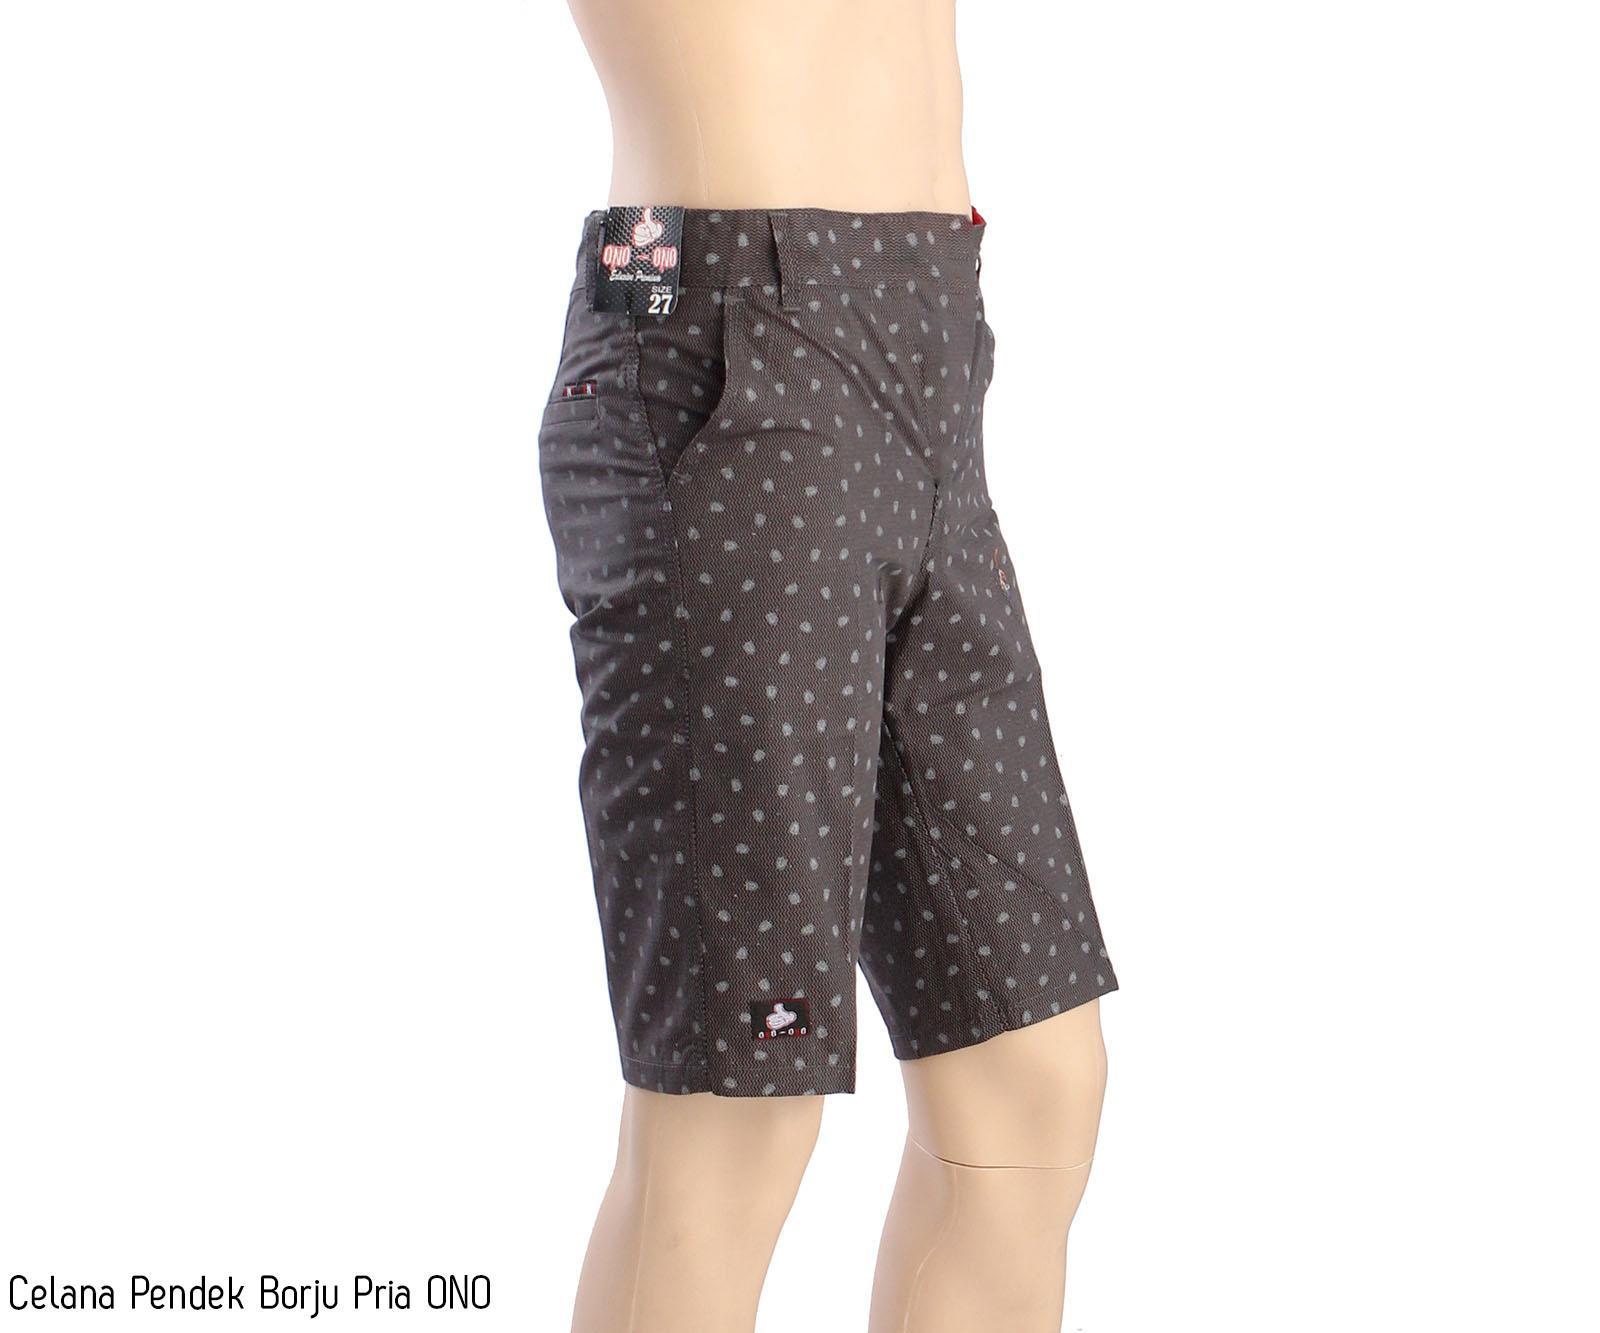 Kelebihan Celana Pendek Chinos Pria Terkini Daftar Harga Dan Chino